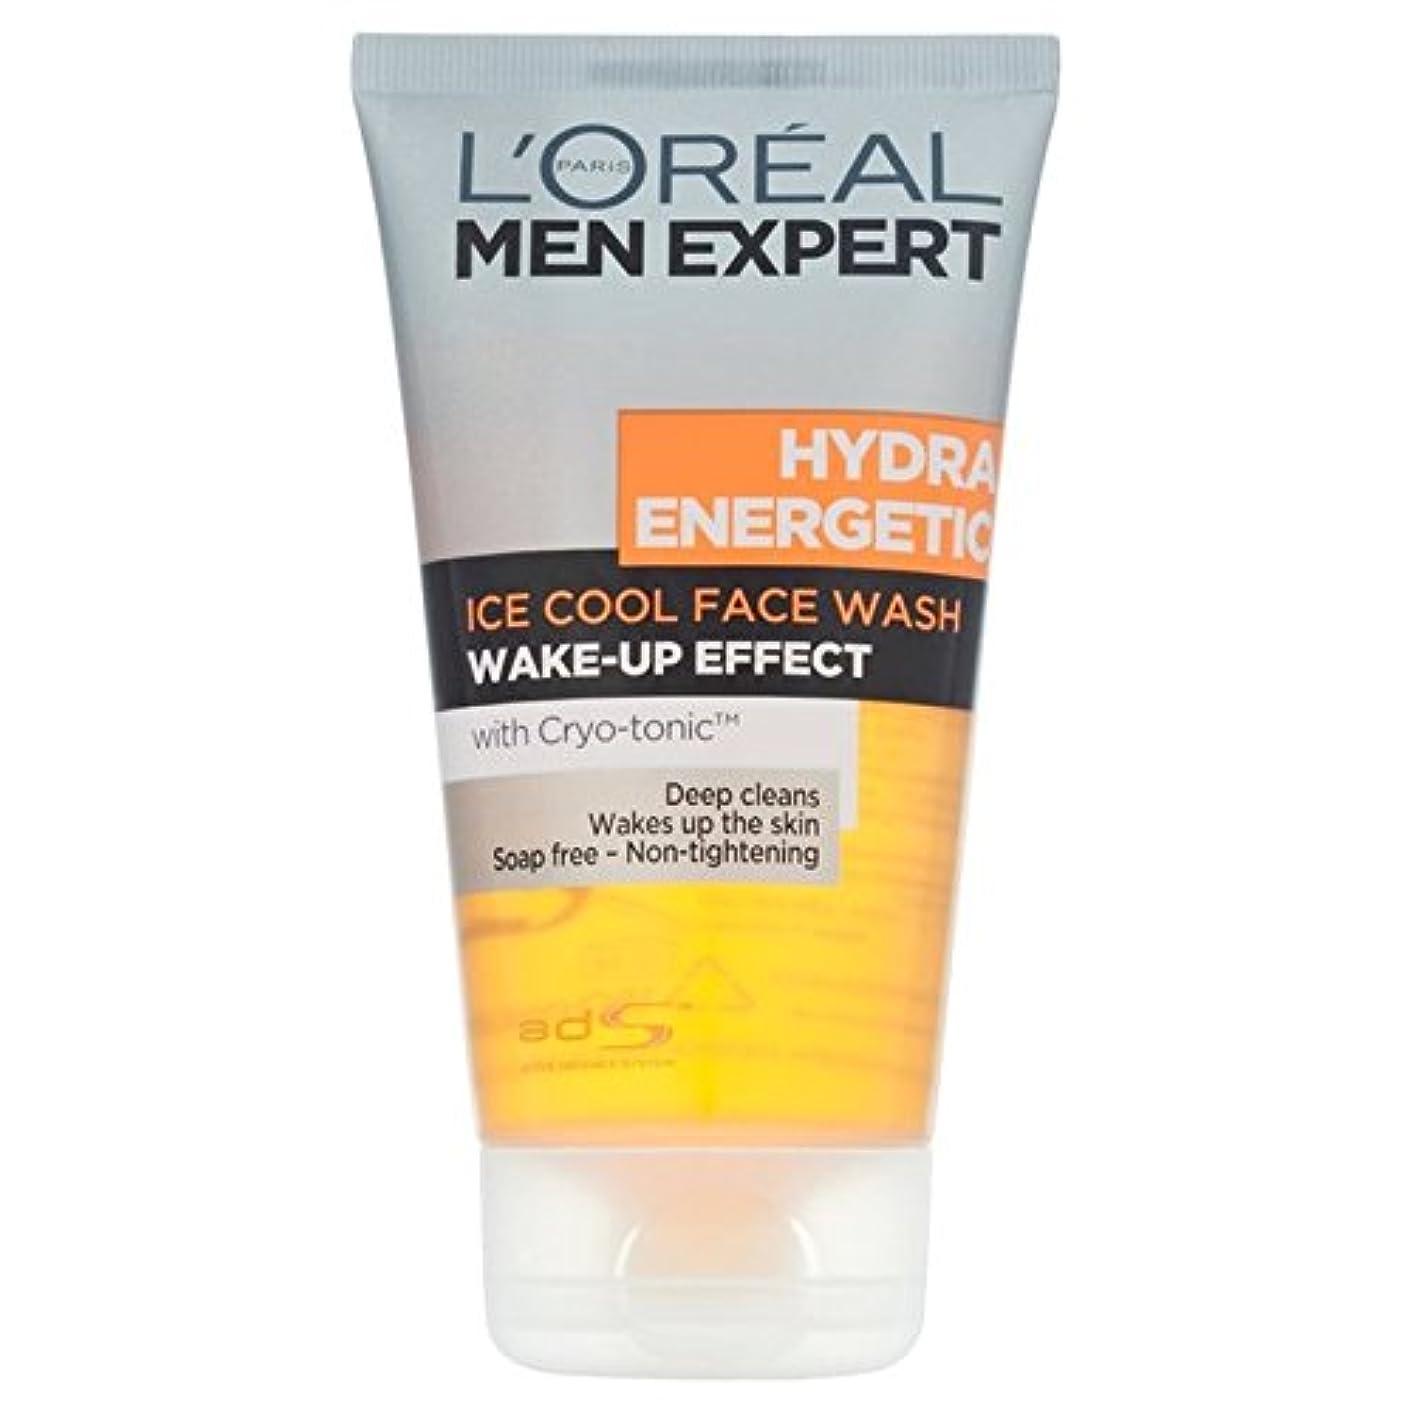 展開するリズムヒュームL'Oreal Men Expert Hydra Energetic Foaming Cleansing Gel 150ml (Pack of 6) - ロレアルの男性の専門家ヒドラエネルギッシュな発泡クレンジングジェル...